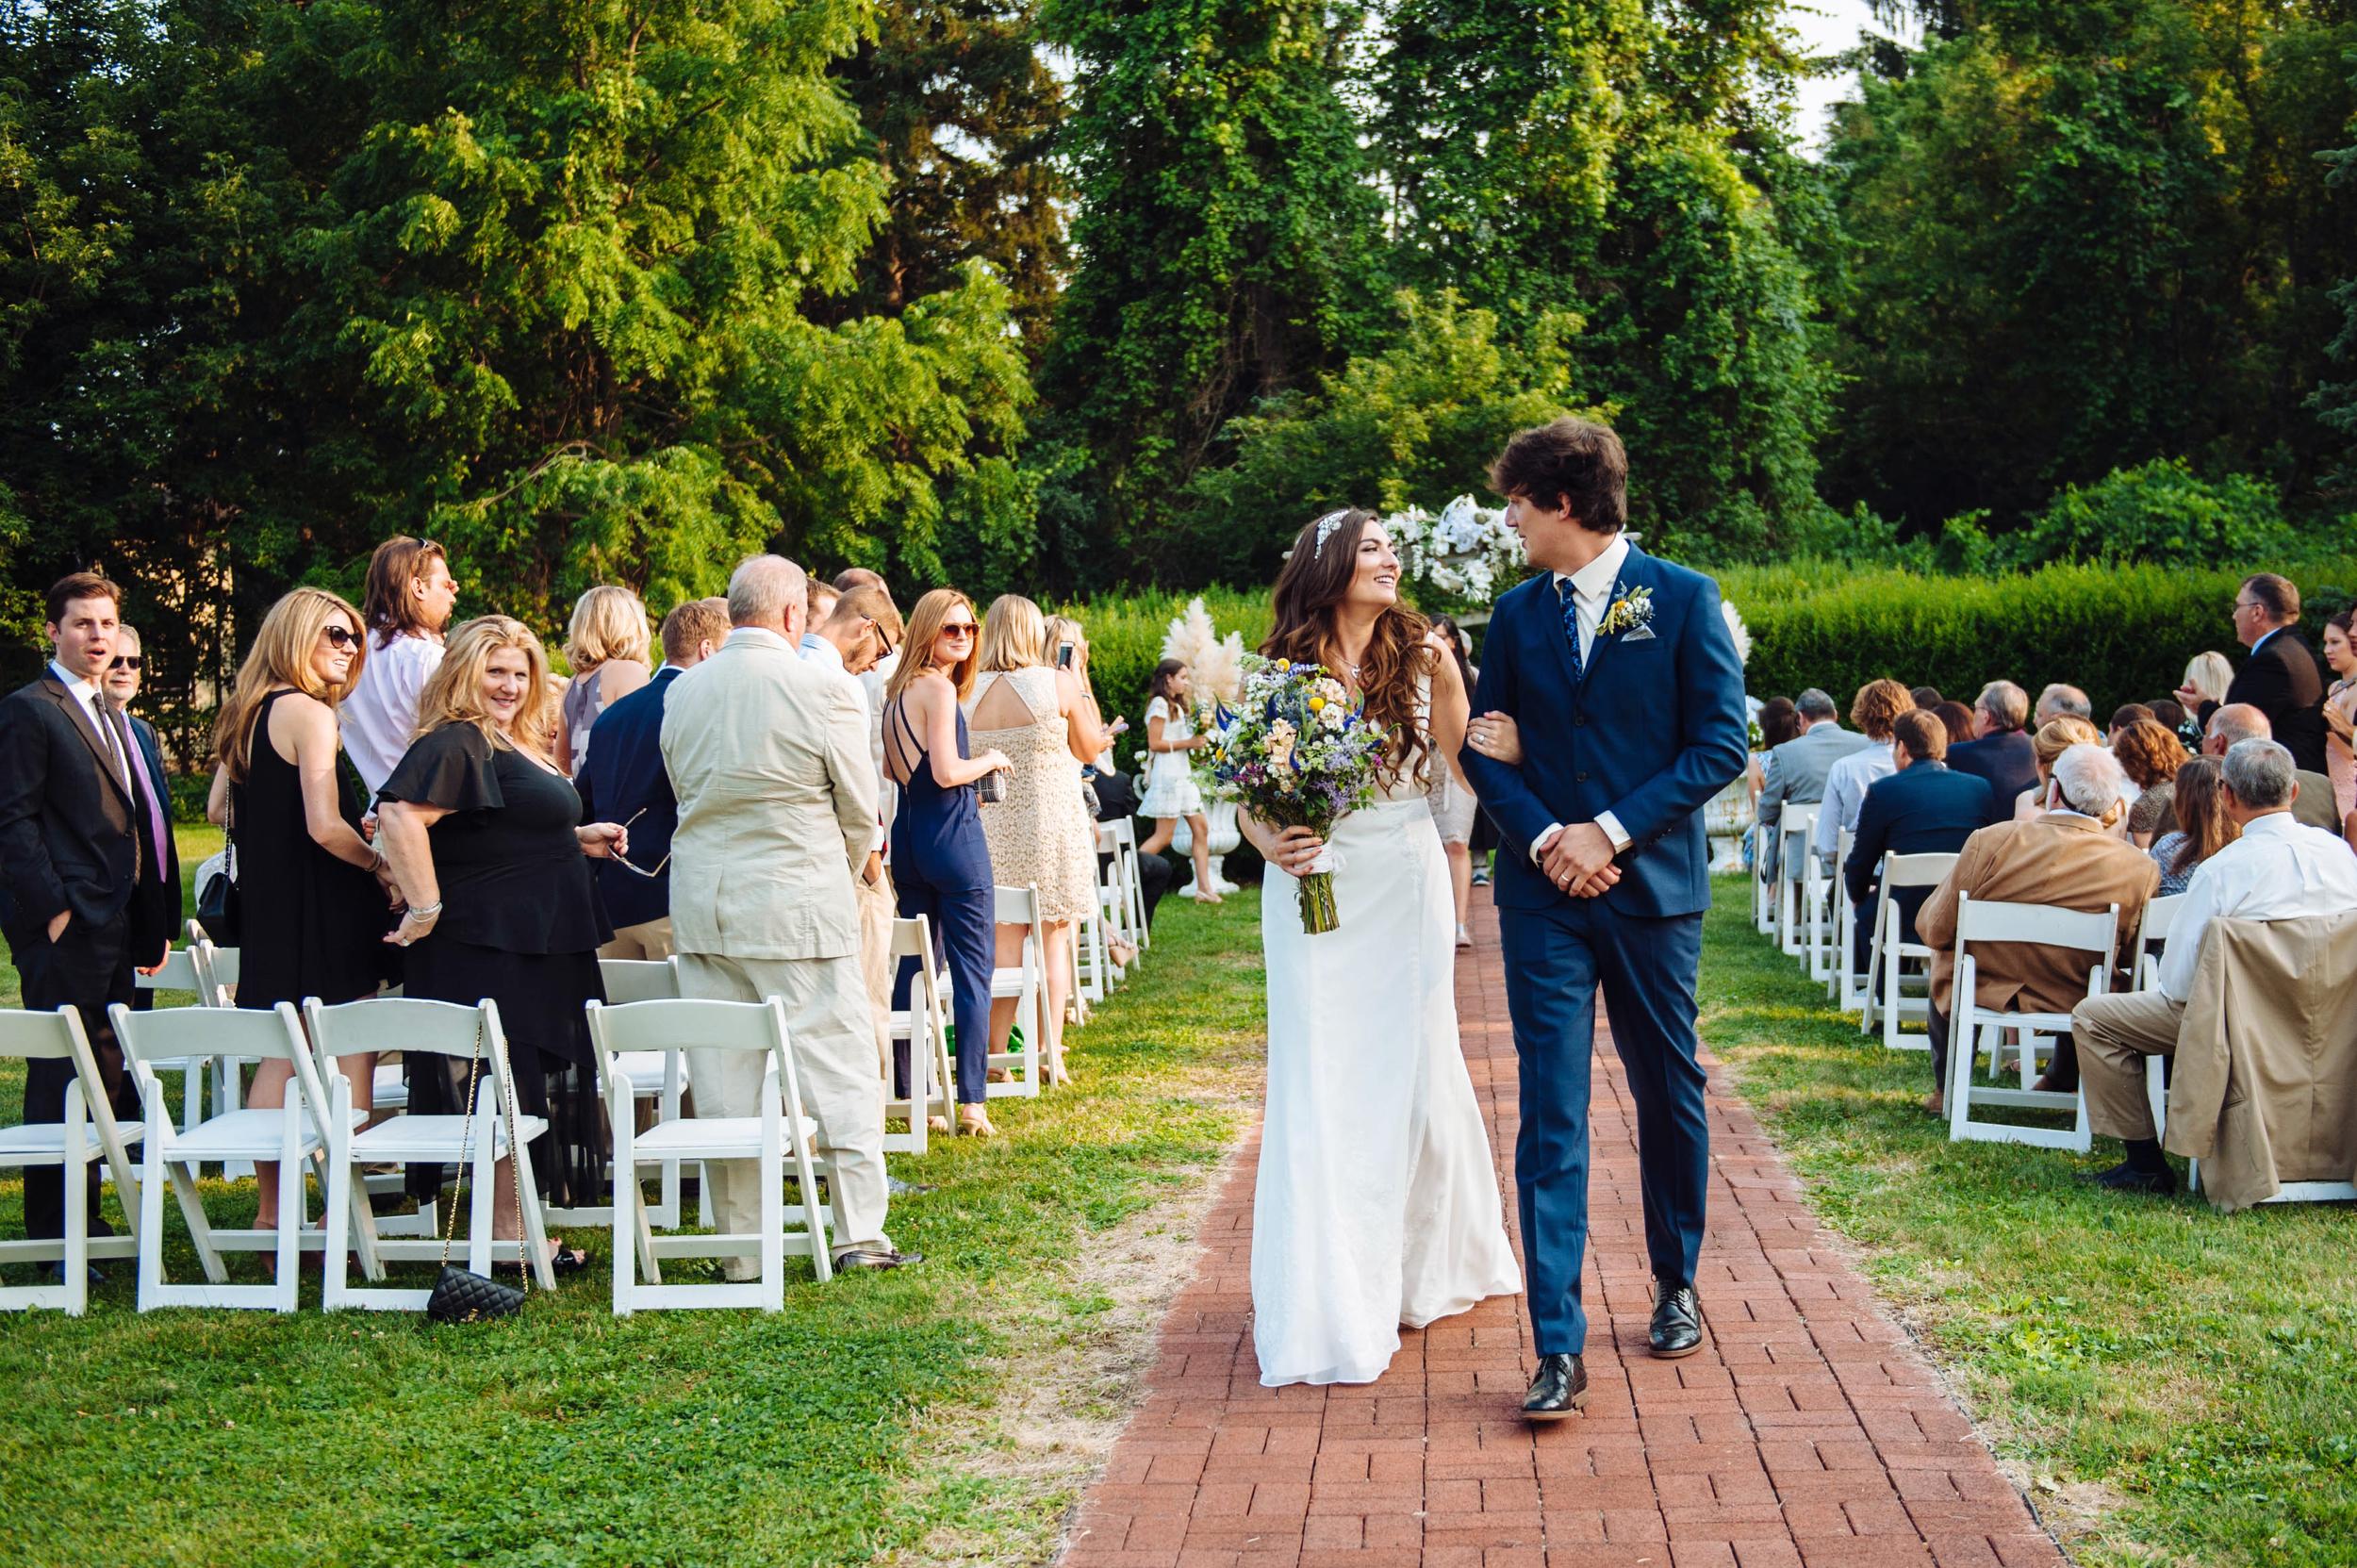 brig-sam-wedding-17